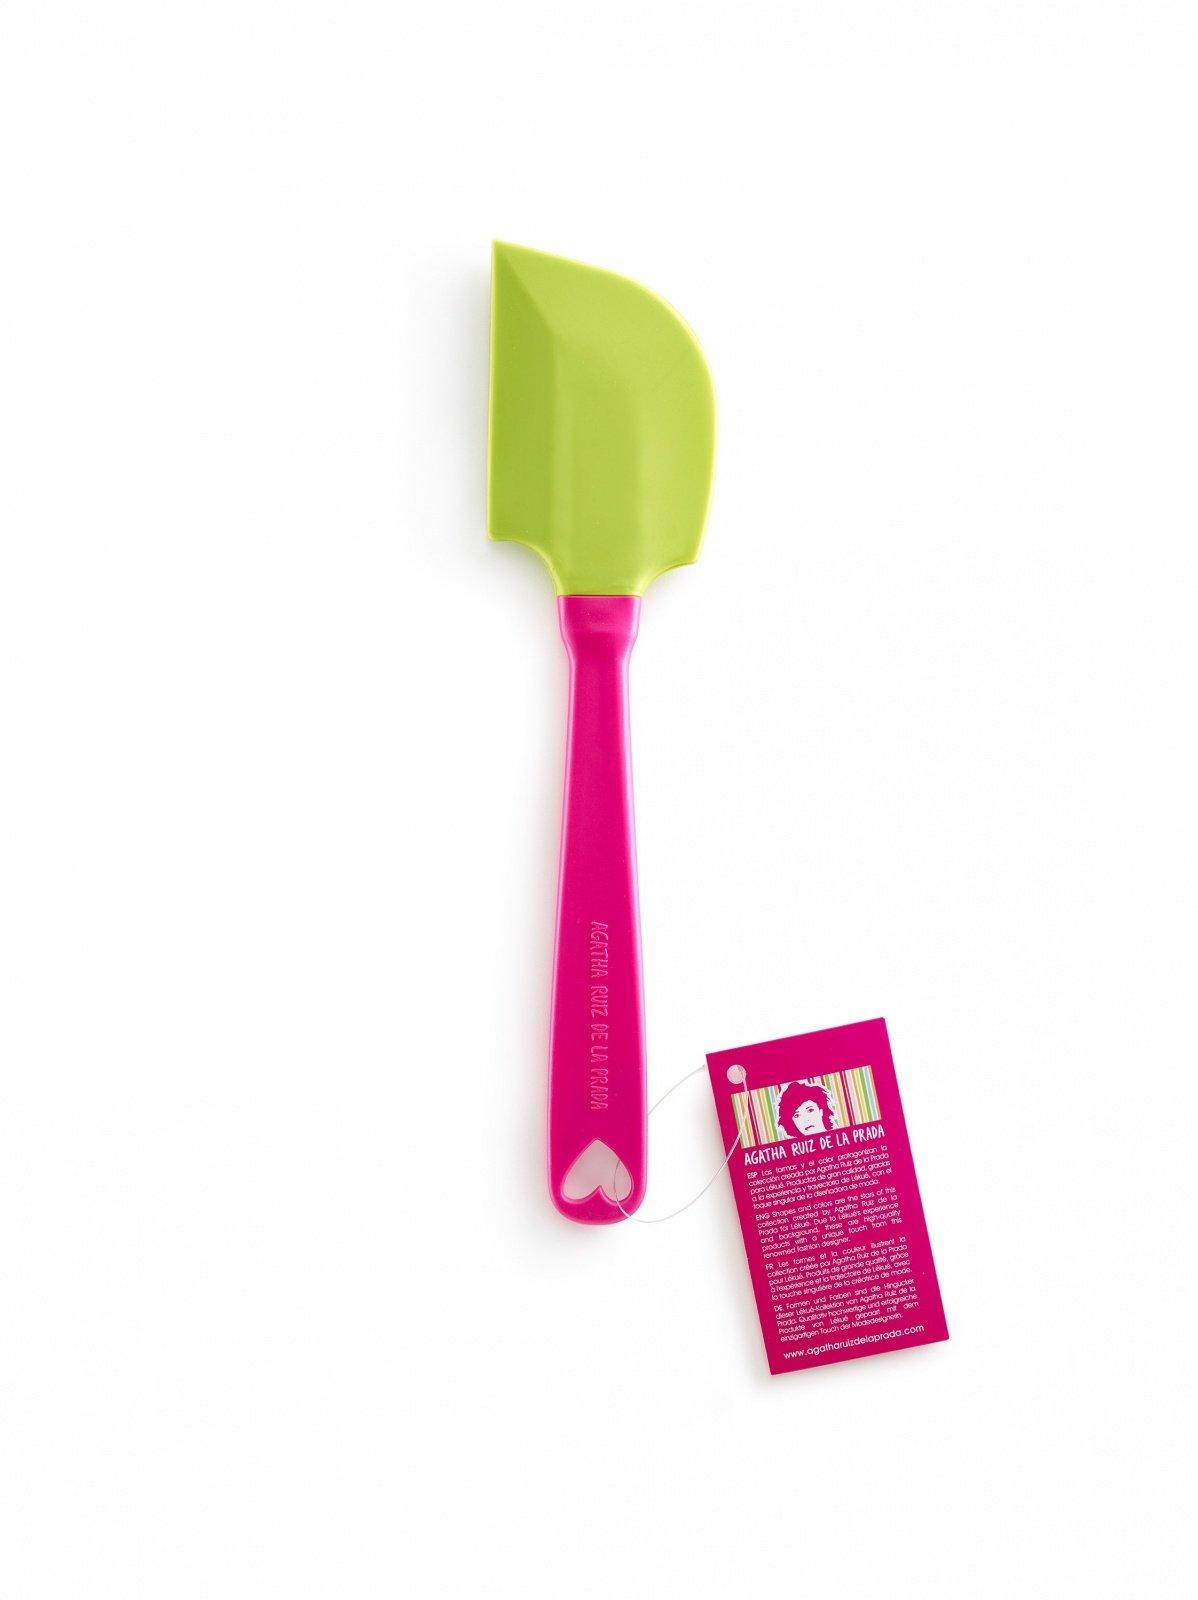 Шпатель силиконовый AGATHA Lekue, салатовый, розовая ручка, 10,8 см